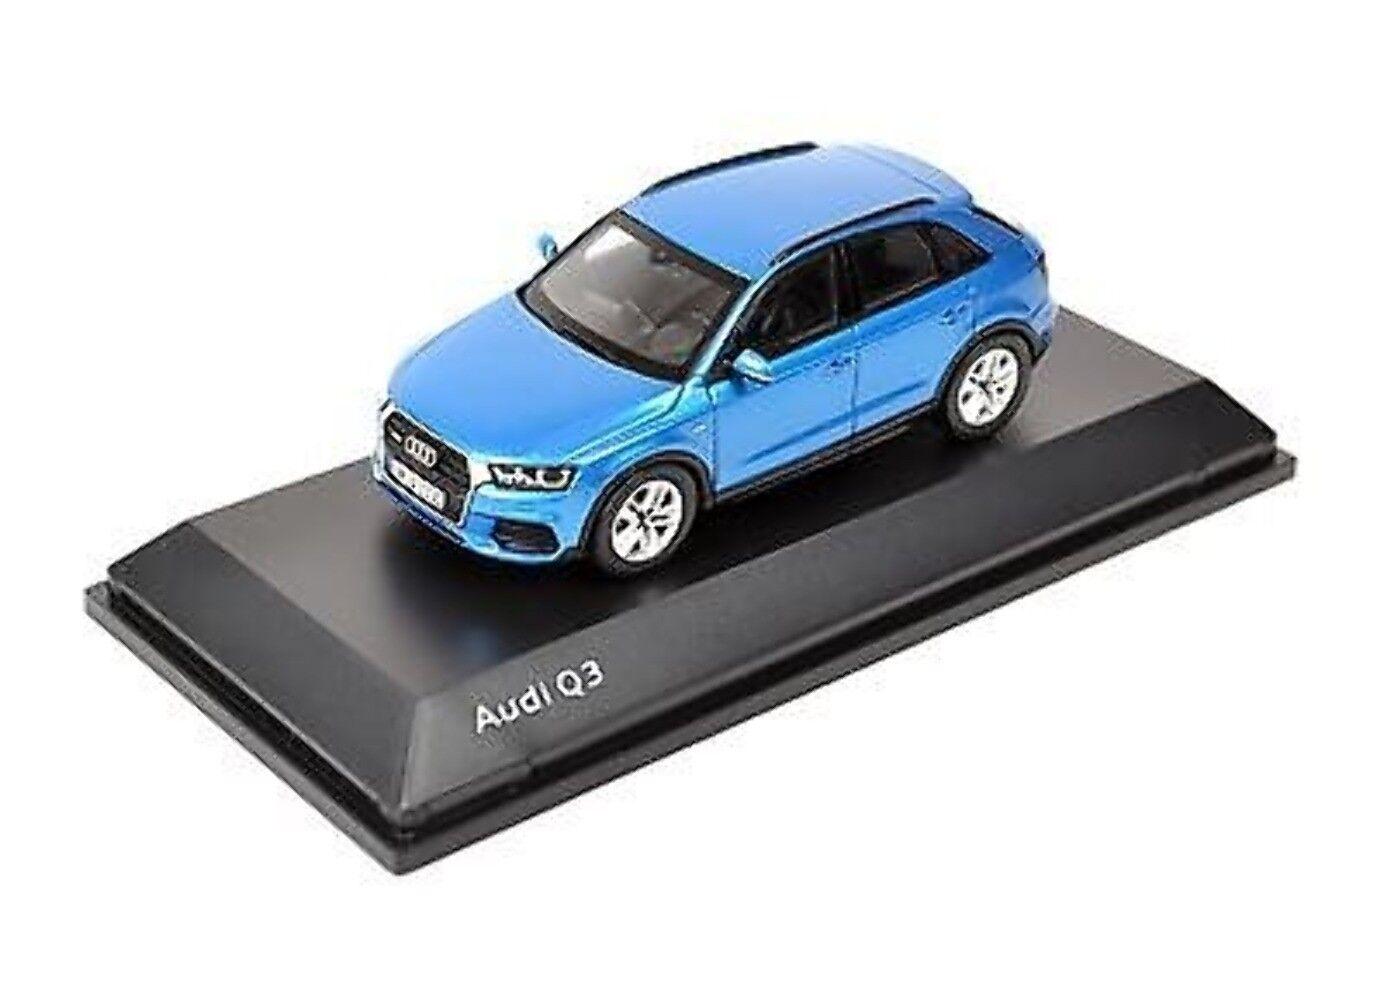 Audi q3 meine 2015 hainan blau, 1 43 5011403613